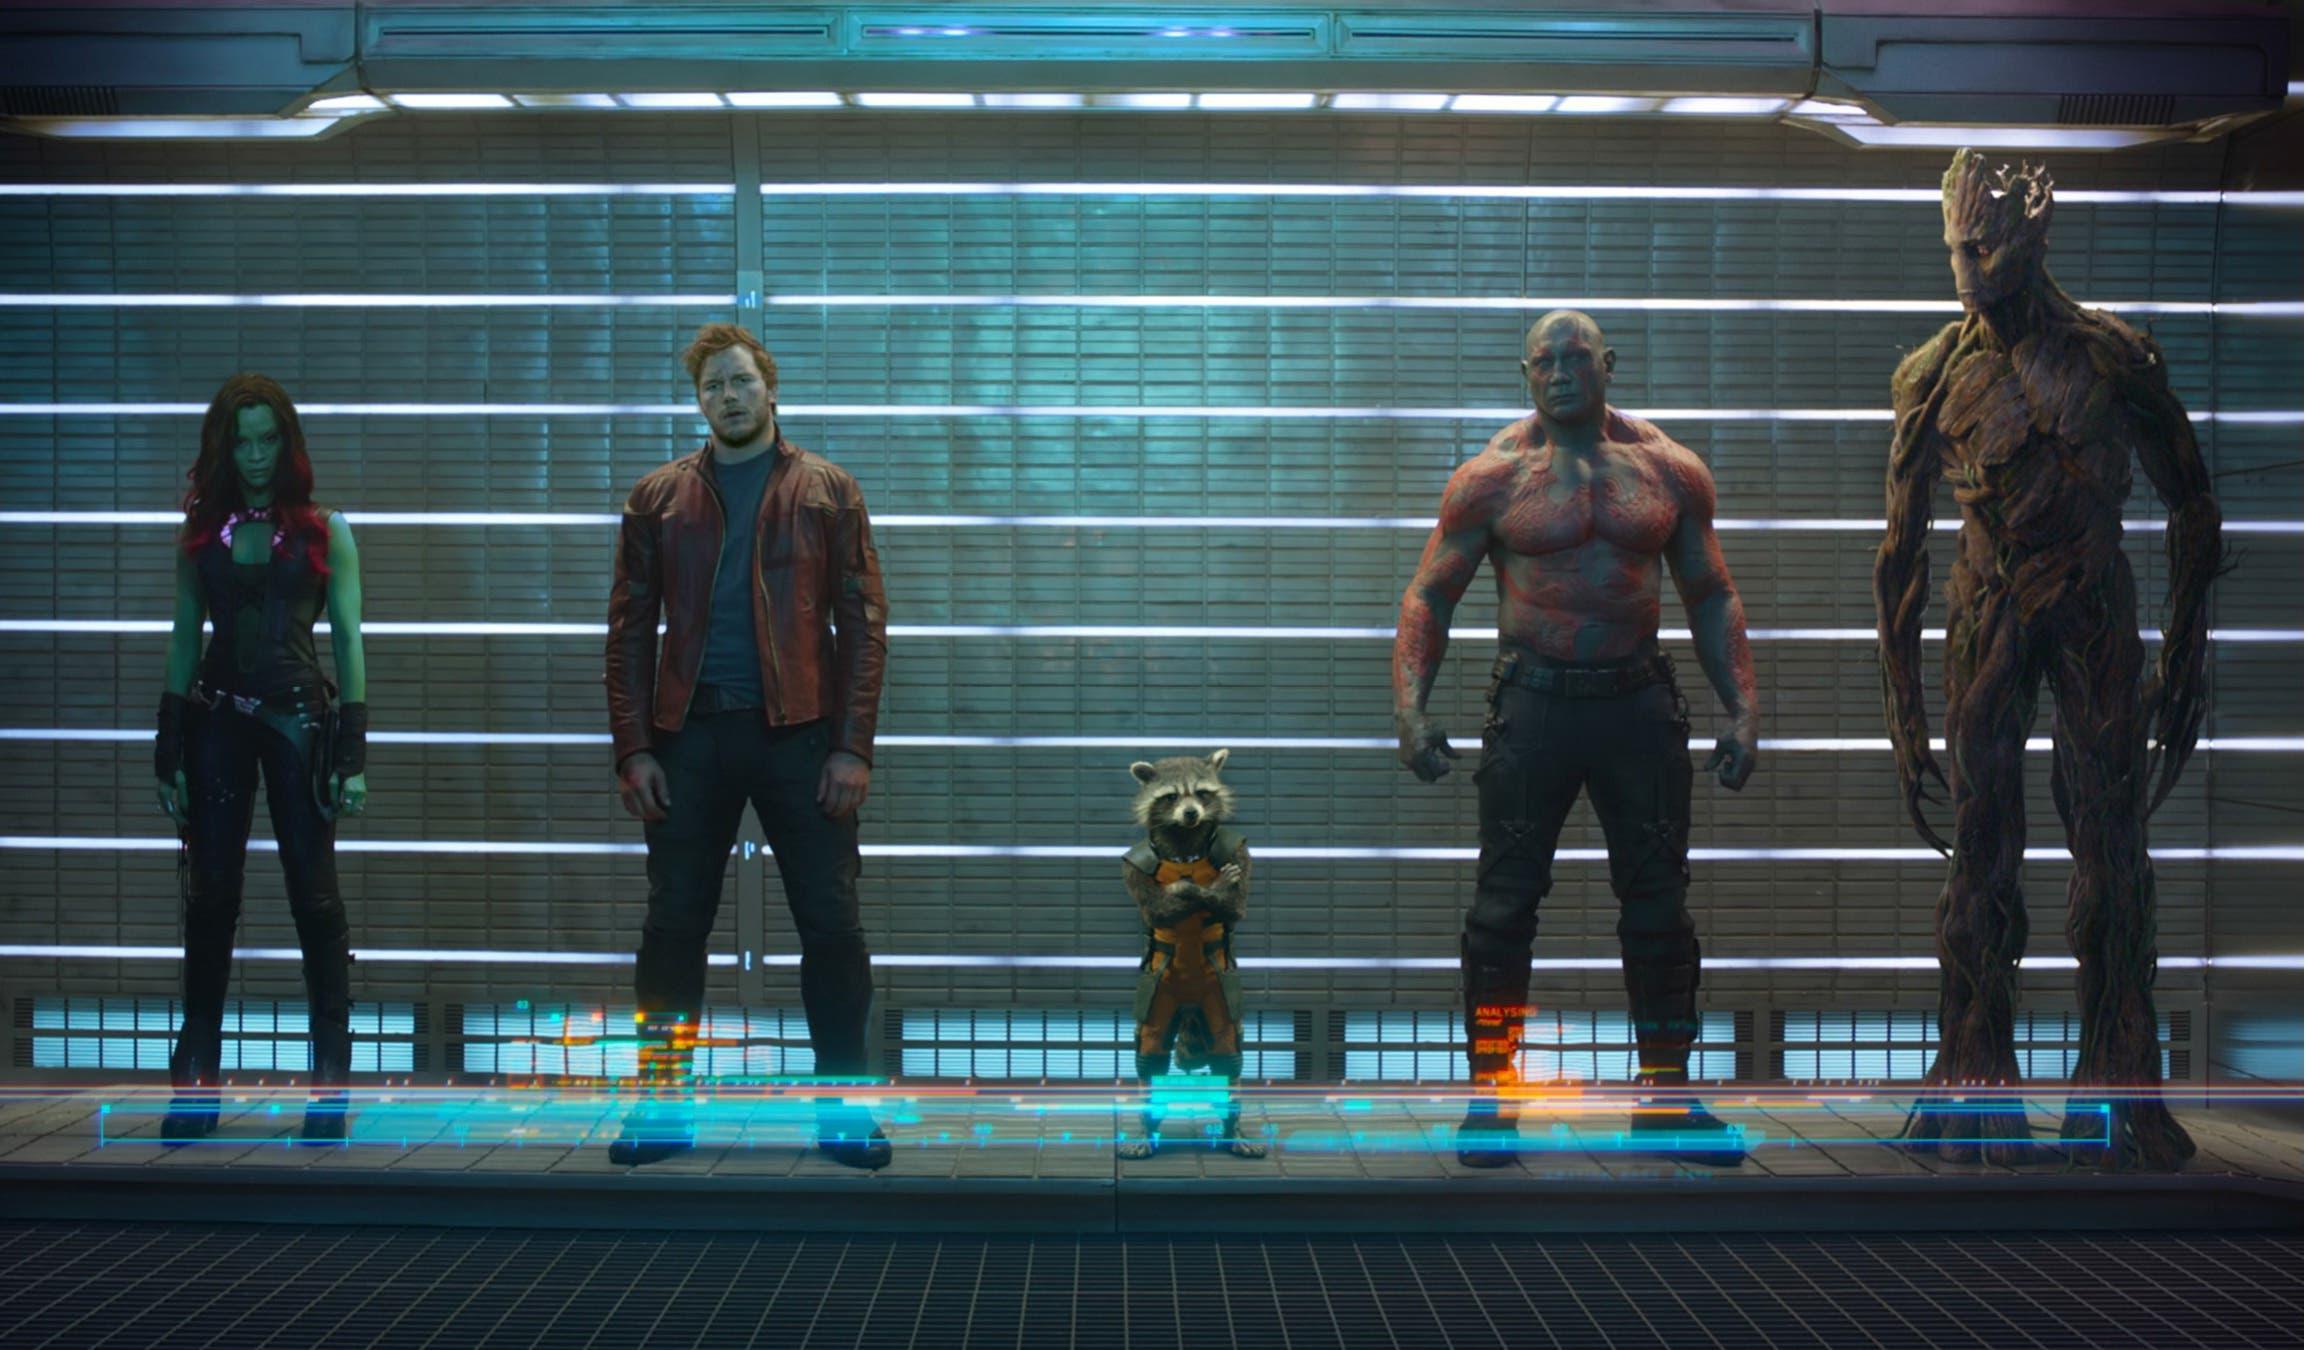 Primera imagen oficial de Los guardianes de la galaxia